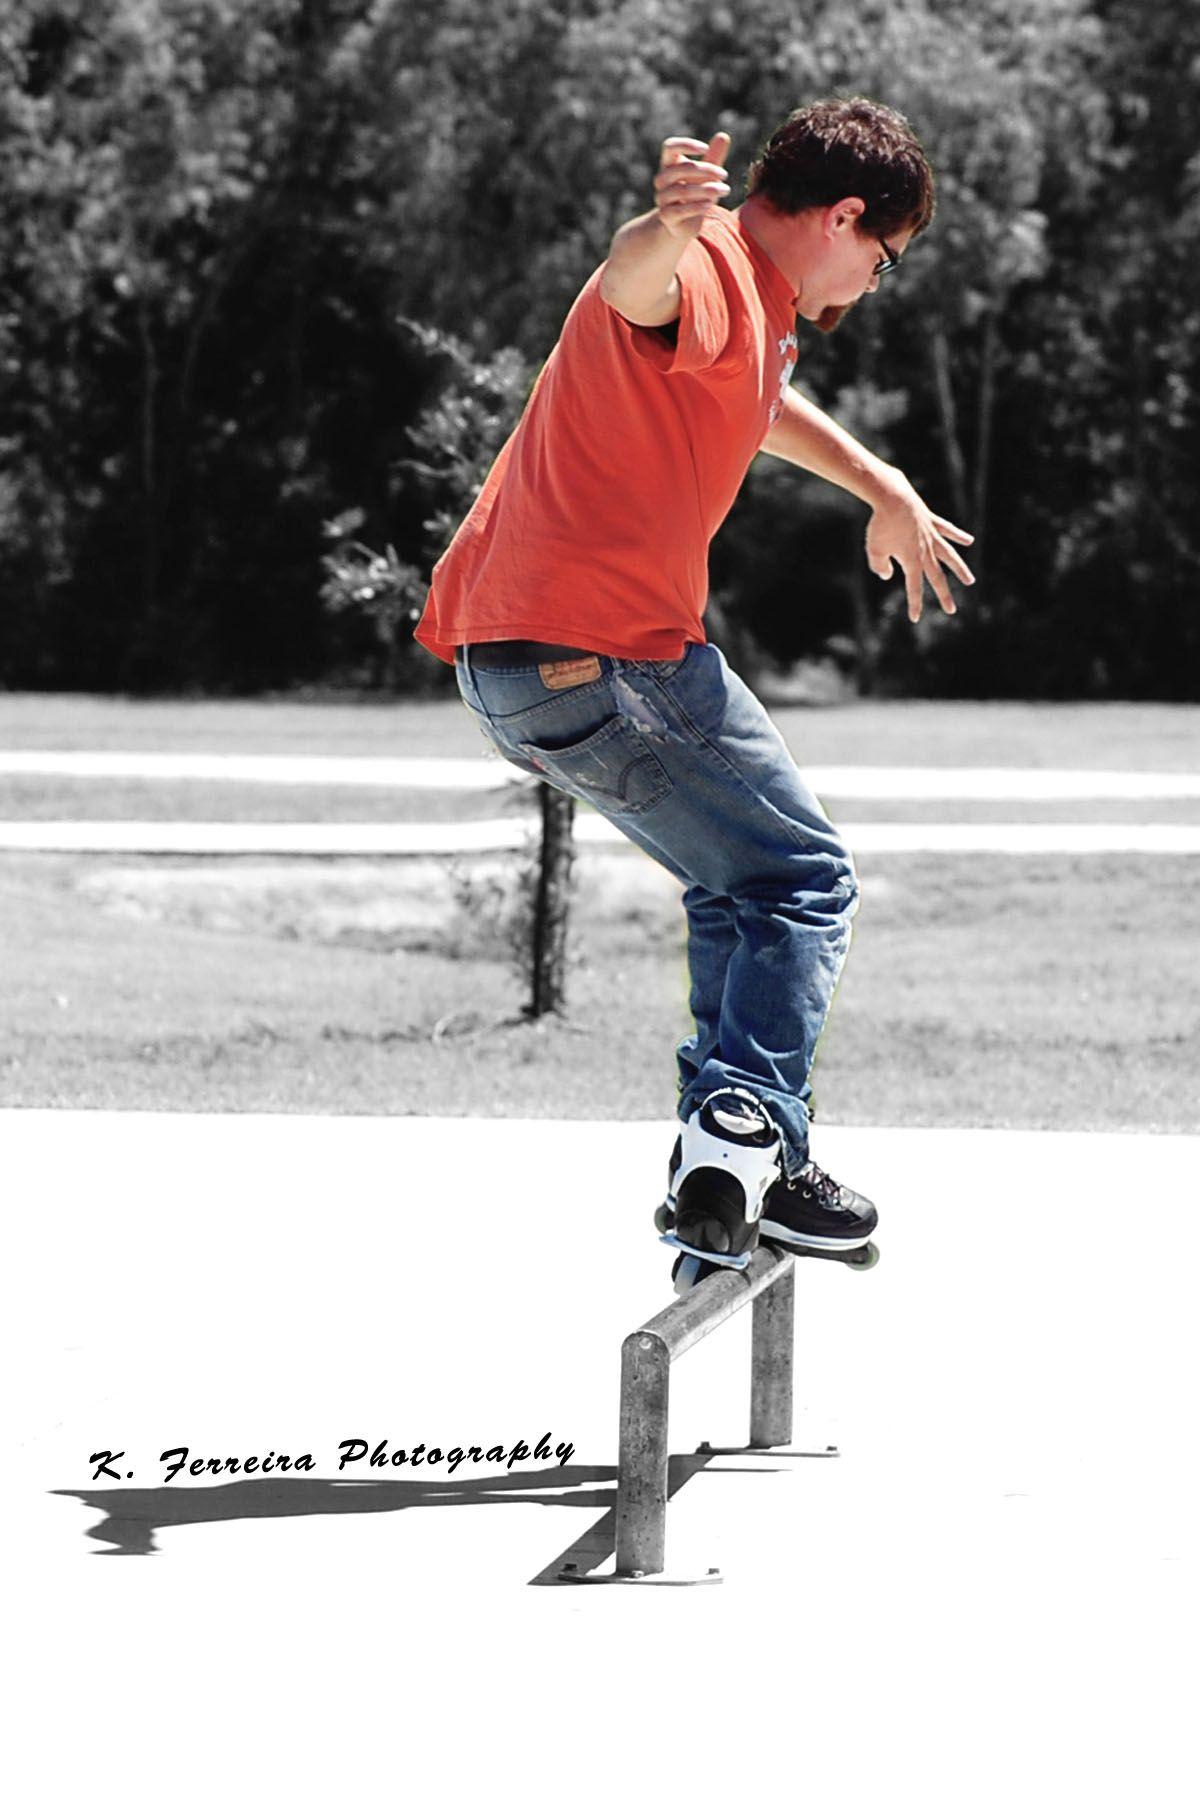 K. Ferreira Photography. Buddy, Highway 6 Free Skate Park. #aggressive #inline #rollerblader #roller #blader #rollerblade #skate #skating #skater #skates #skatepark #orange #color